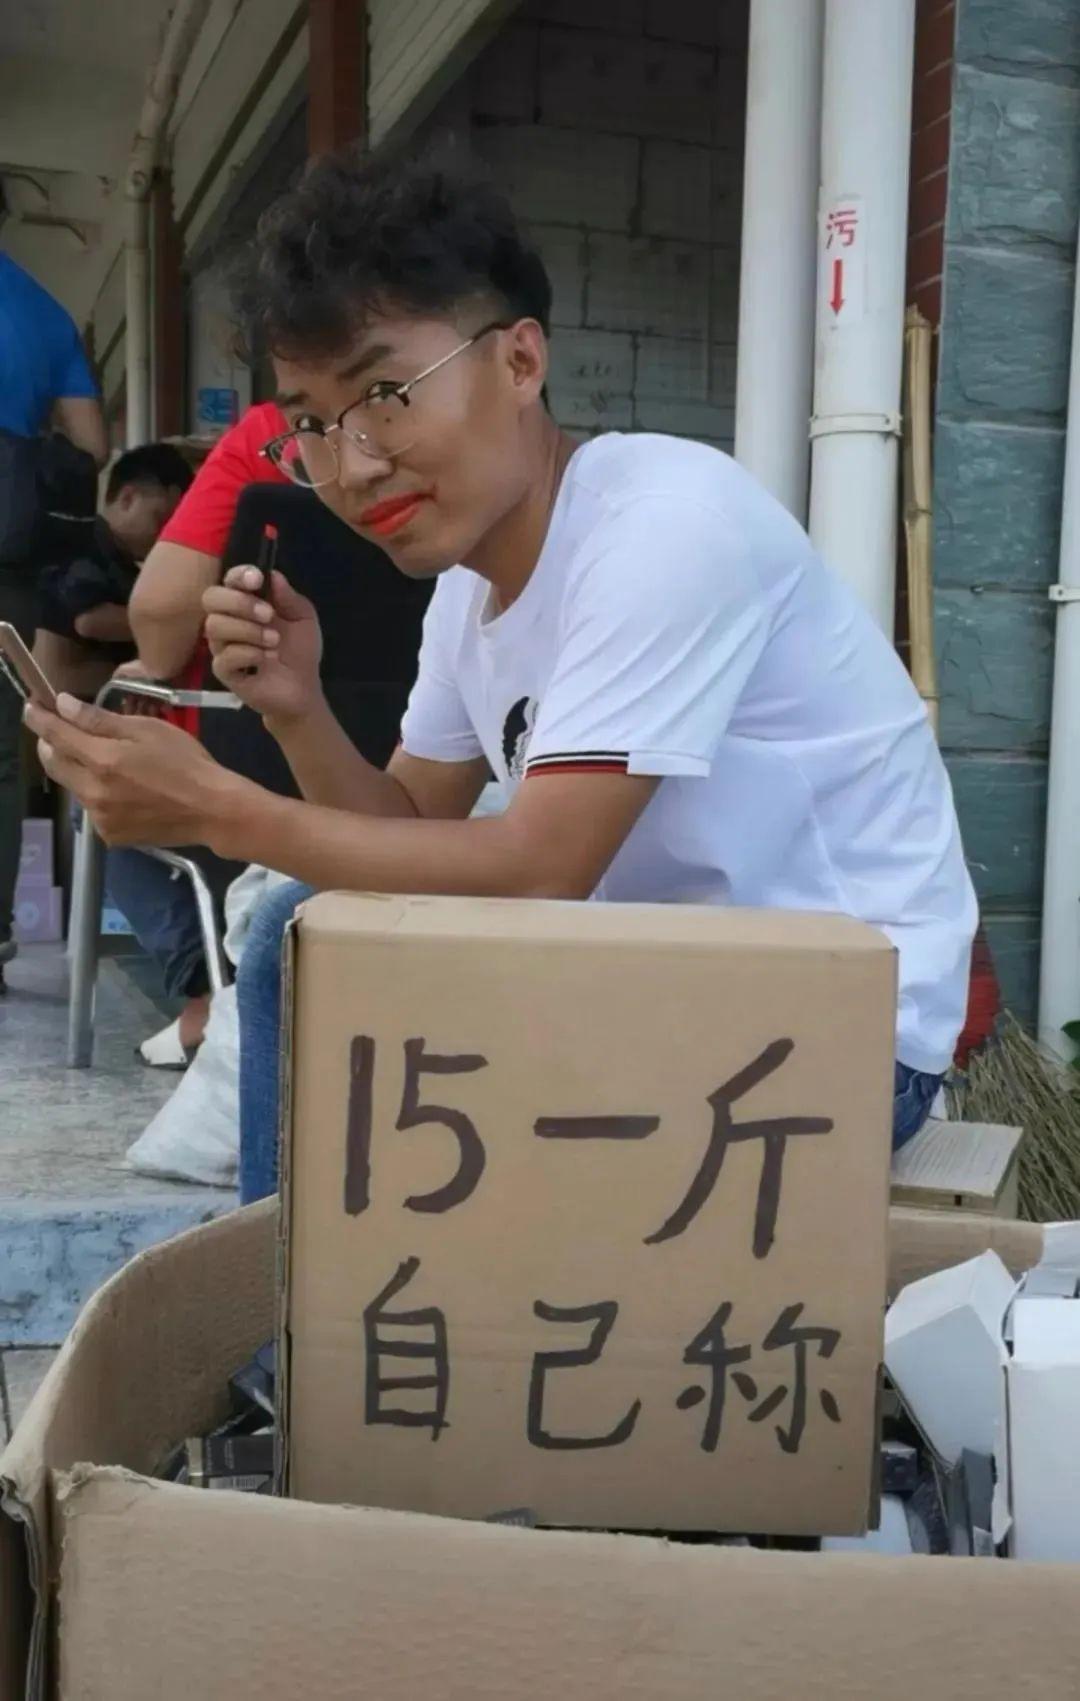 卖头绳赚100万?抖音直播,怎么才能脱颖而出?-第1张图片-周小辉<a href='https://www.zhouxiaohui.cn/duanshipin/'>短视频</a>培训博客